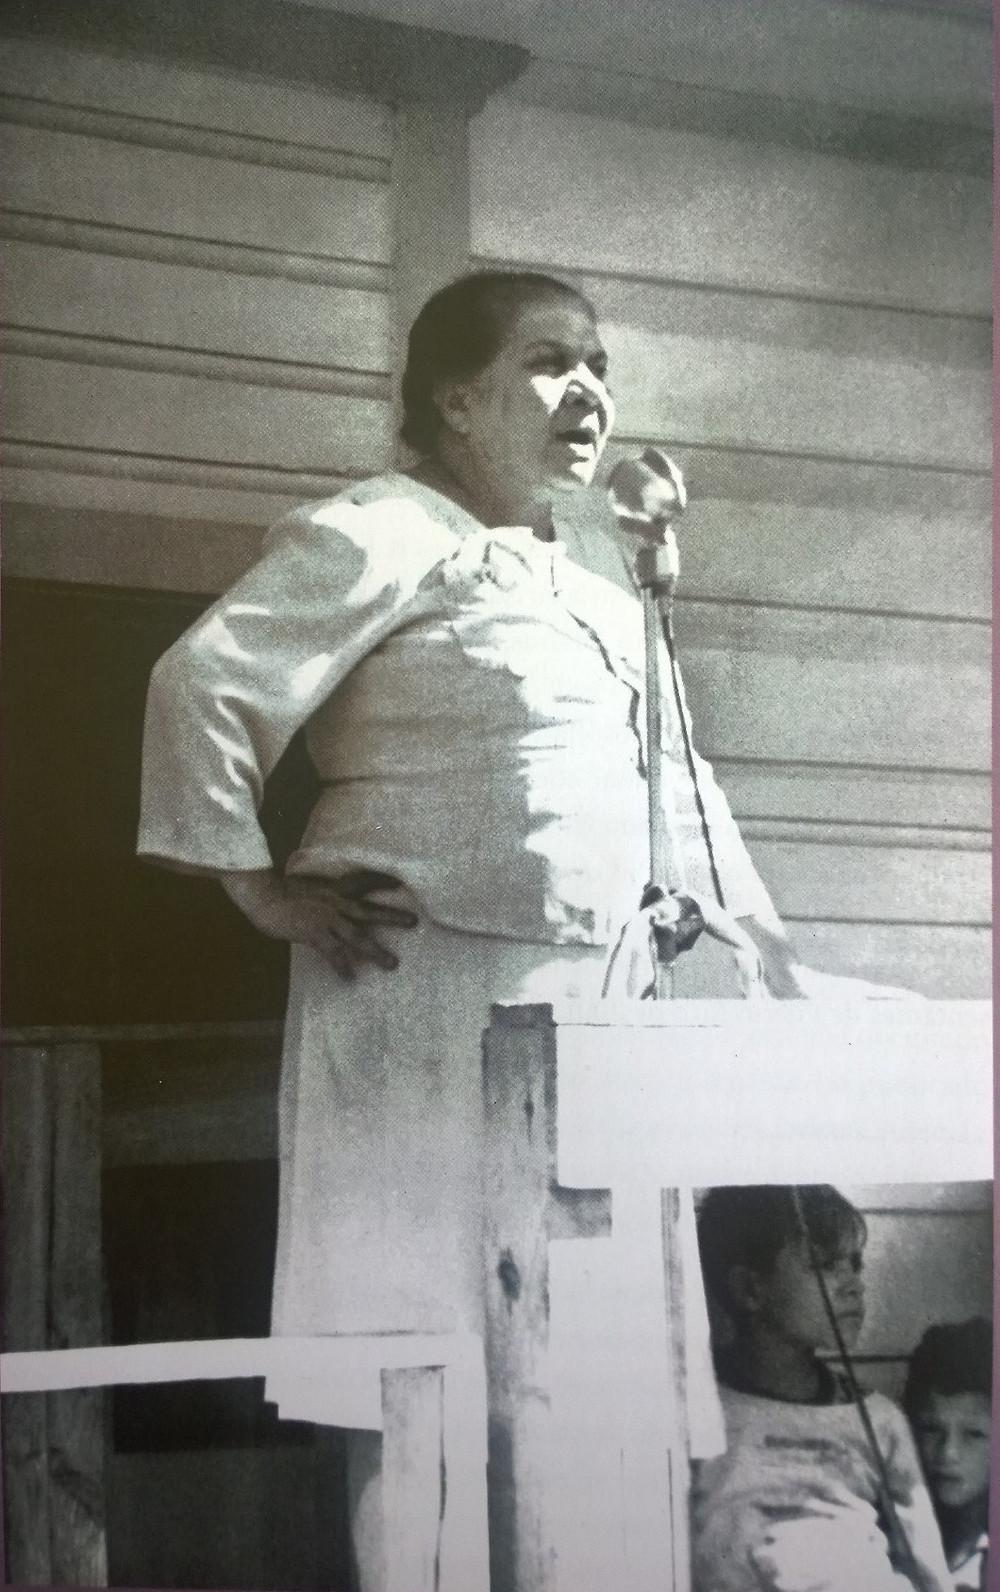 La líder utuadeña pronunciando un discurso. Tomada del libro: María Libertad Gómez, Mujer de convicción, líder de cambios.